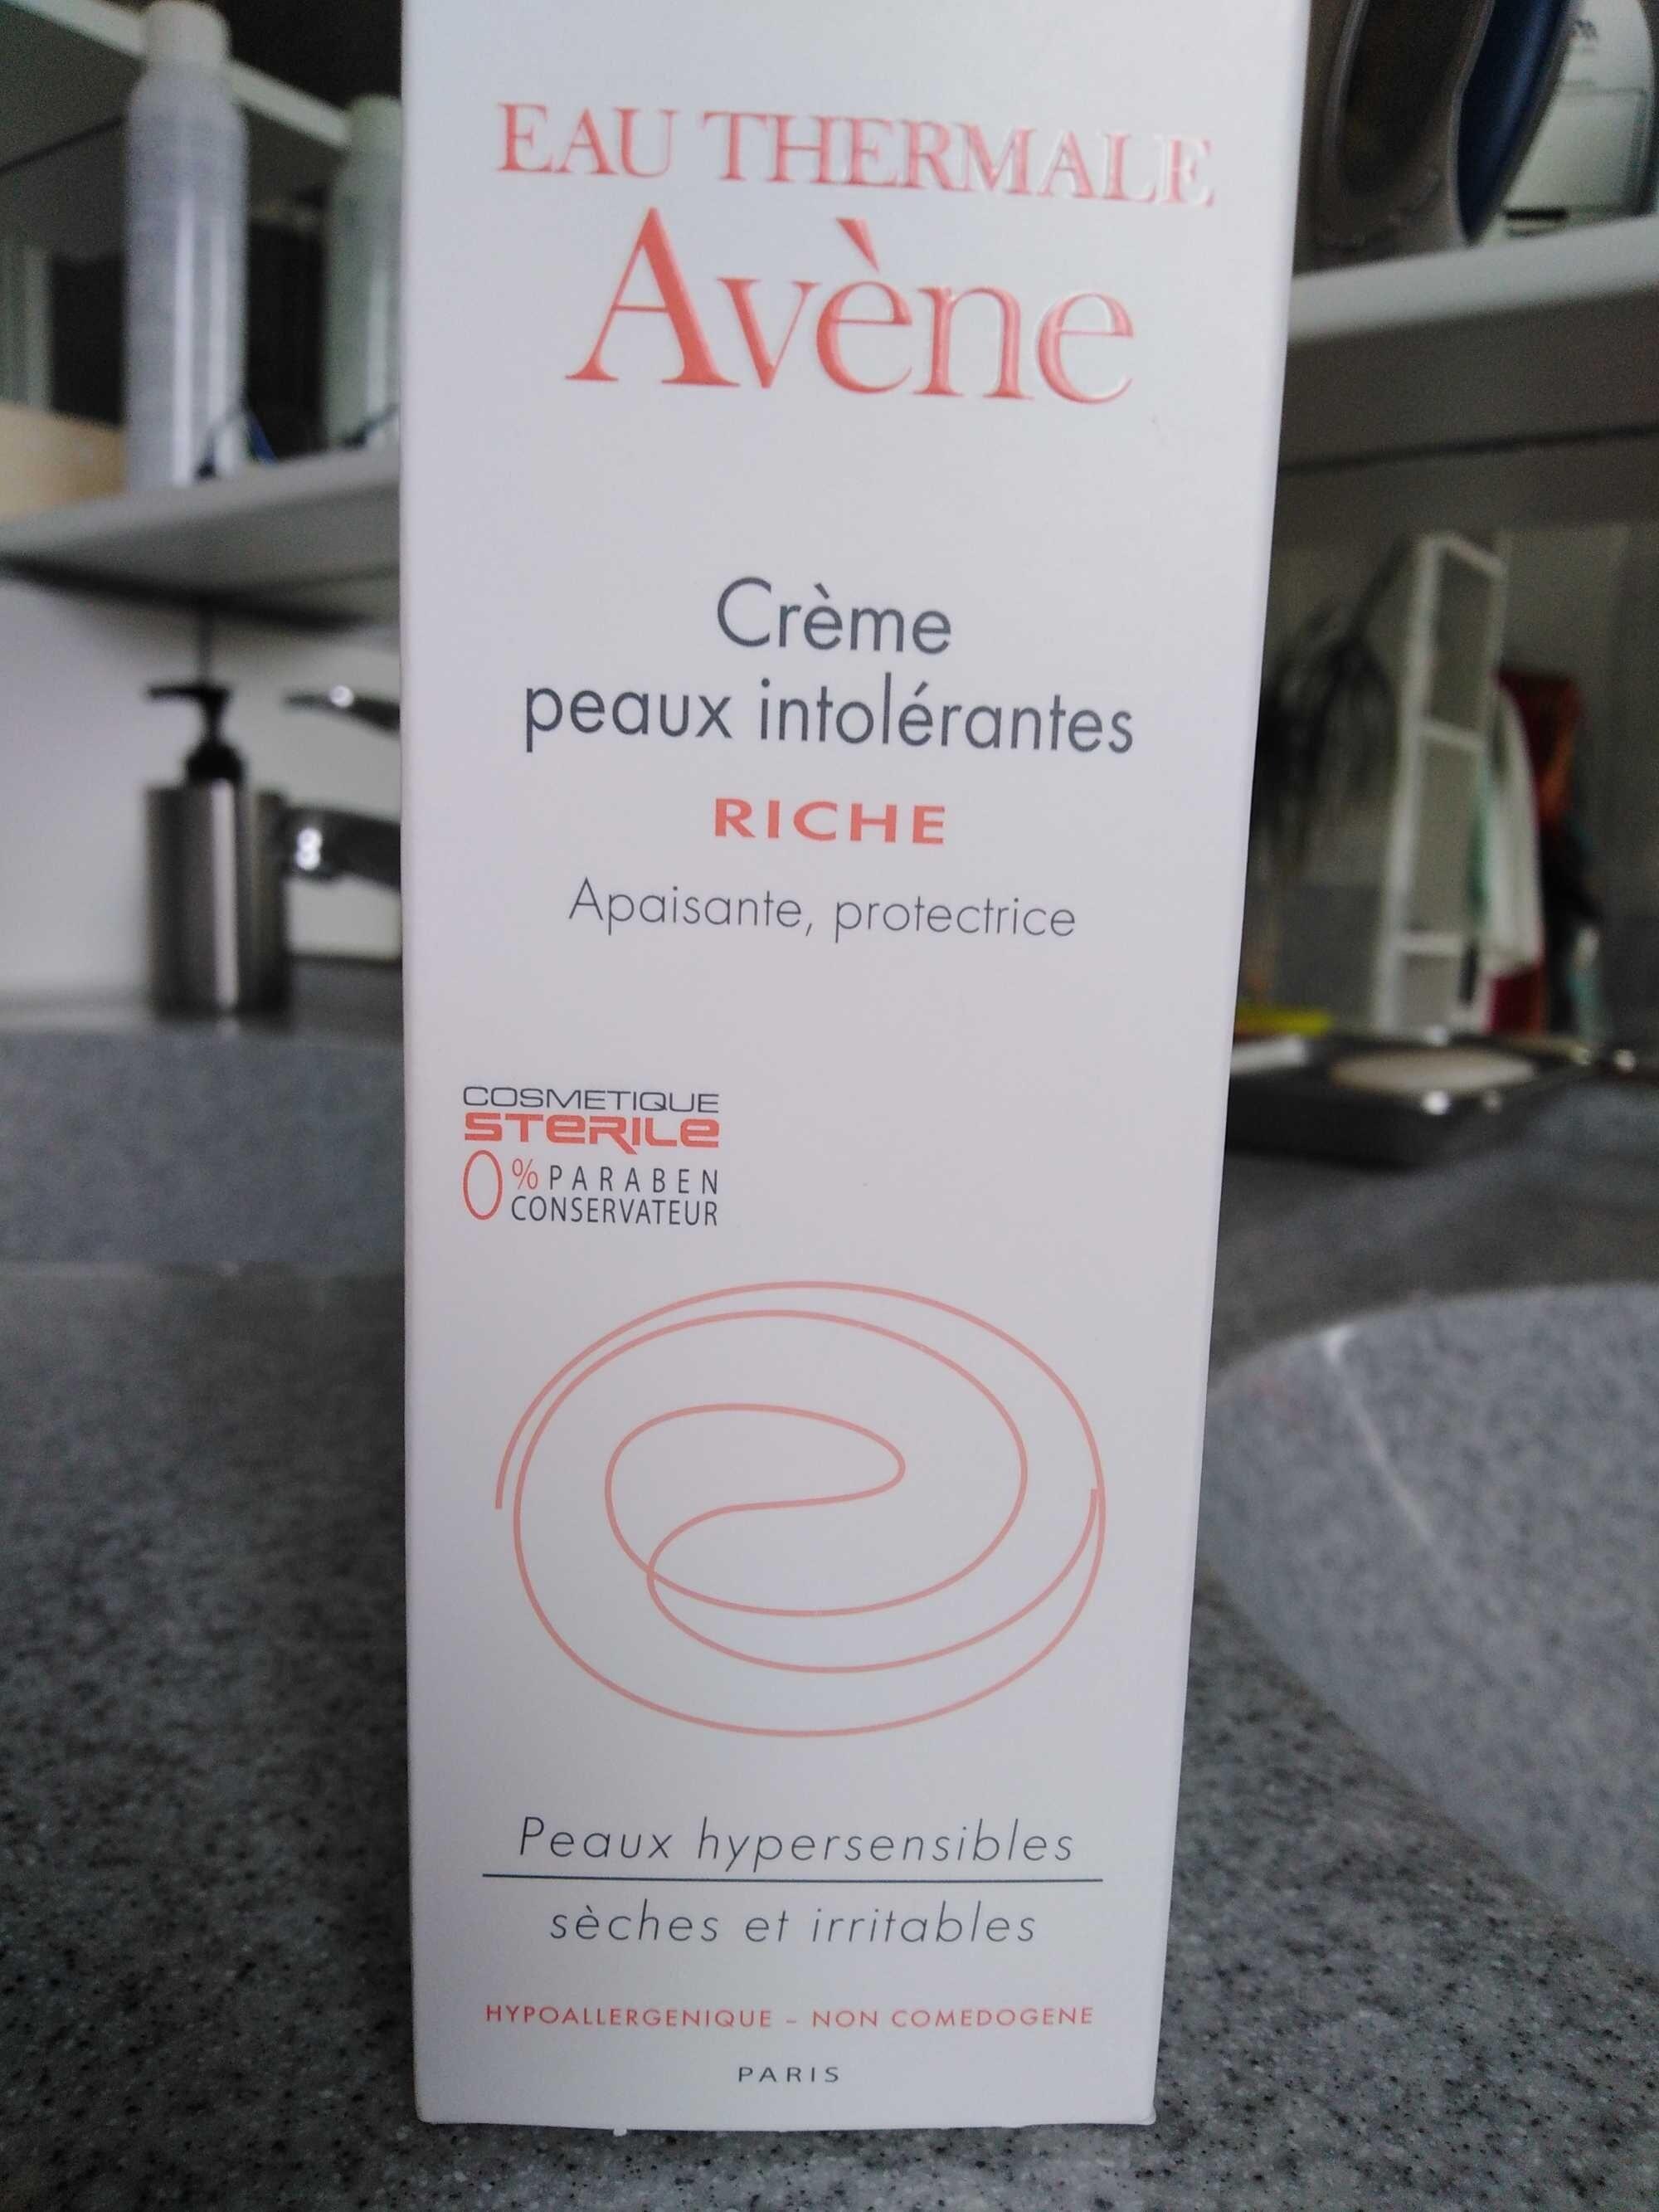 Crème peau intolérante riche - Produit - fr